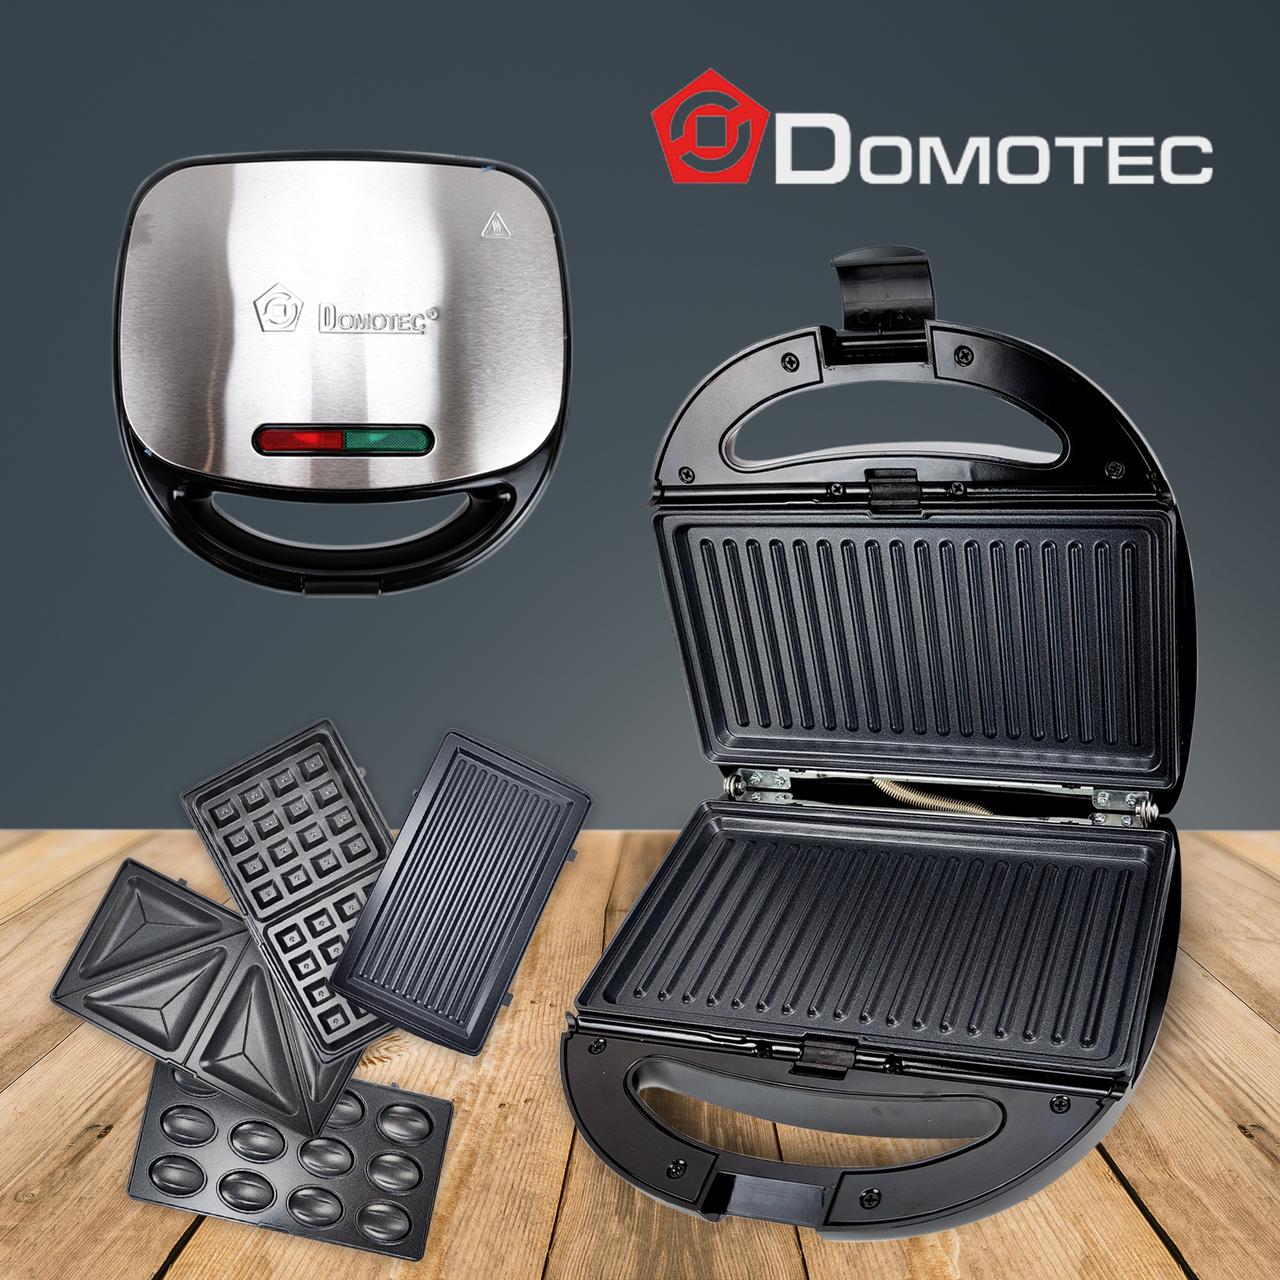 Вафельниця бутербродниця Domotec MS7704 мультимейкер сэндвичница гриль 4в1 мультигриль зі змінними панелями